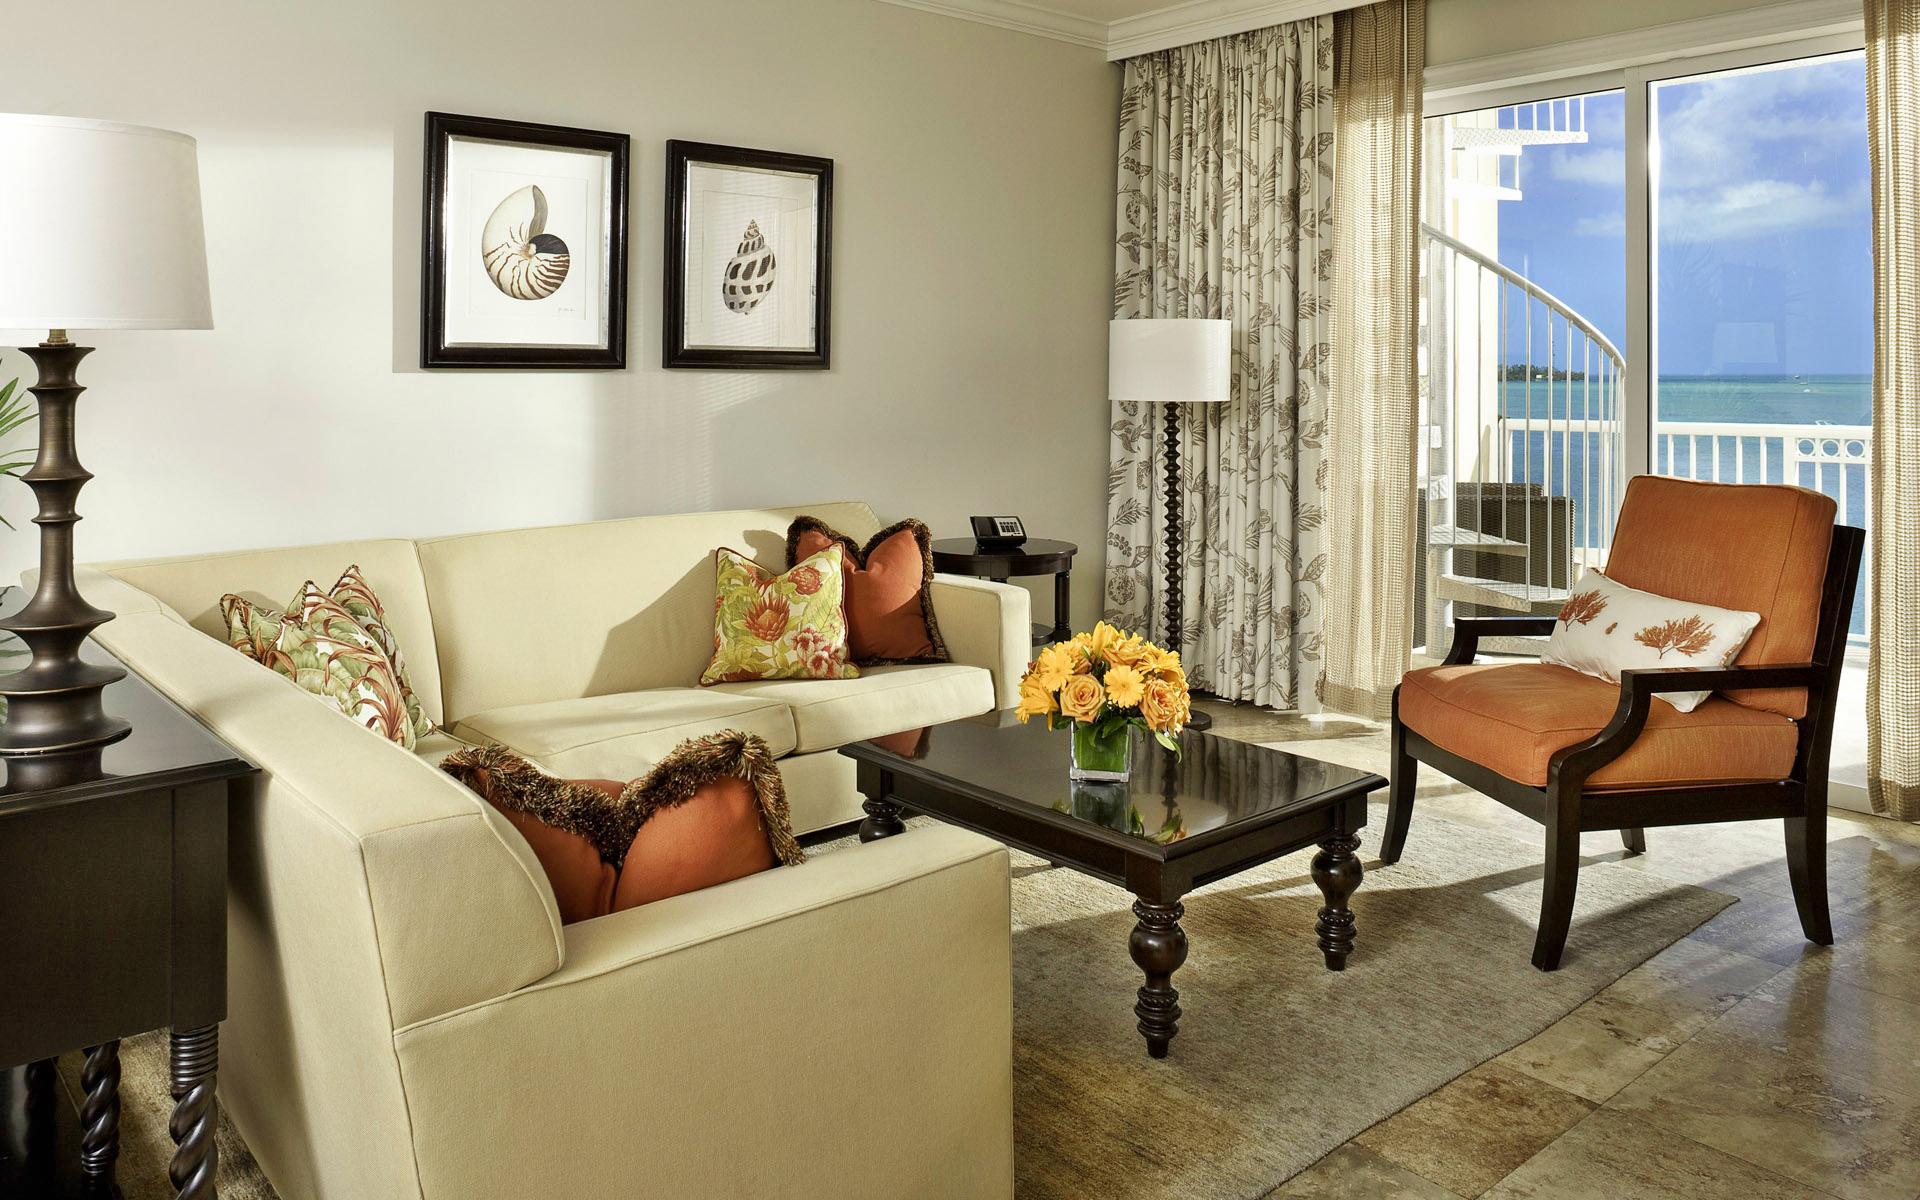 Светлая мебель в интерьере гостиной фото